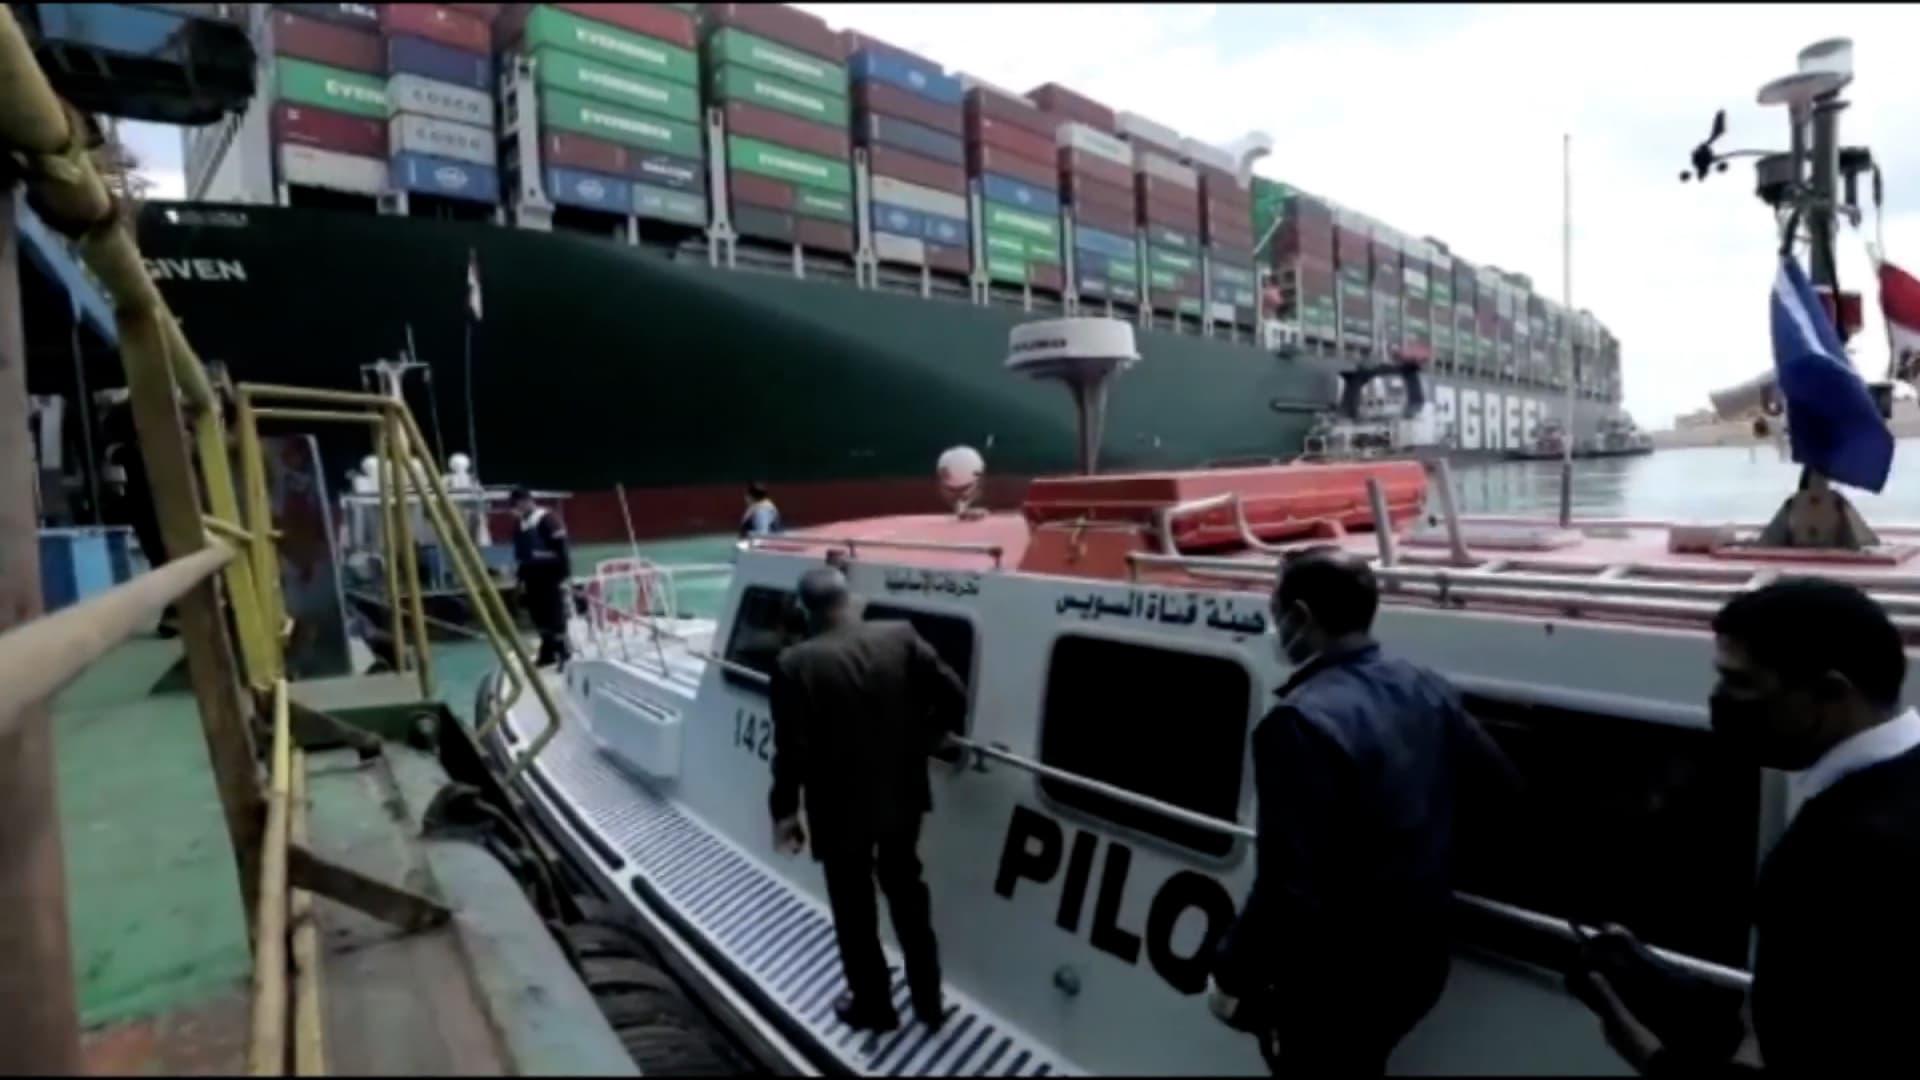 هل أصابت مصر لعنة الفراعنة.. السيسي يطلب الاستعداد لتخفيف حمولة السفينة العالقة بقناة السويس